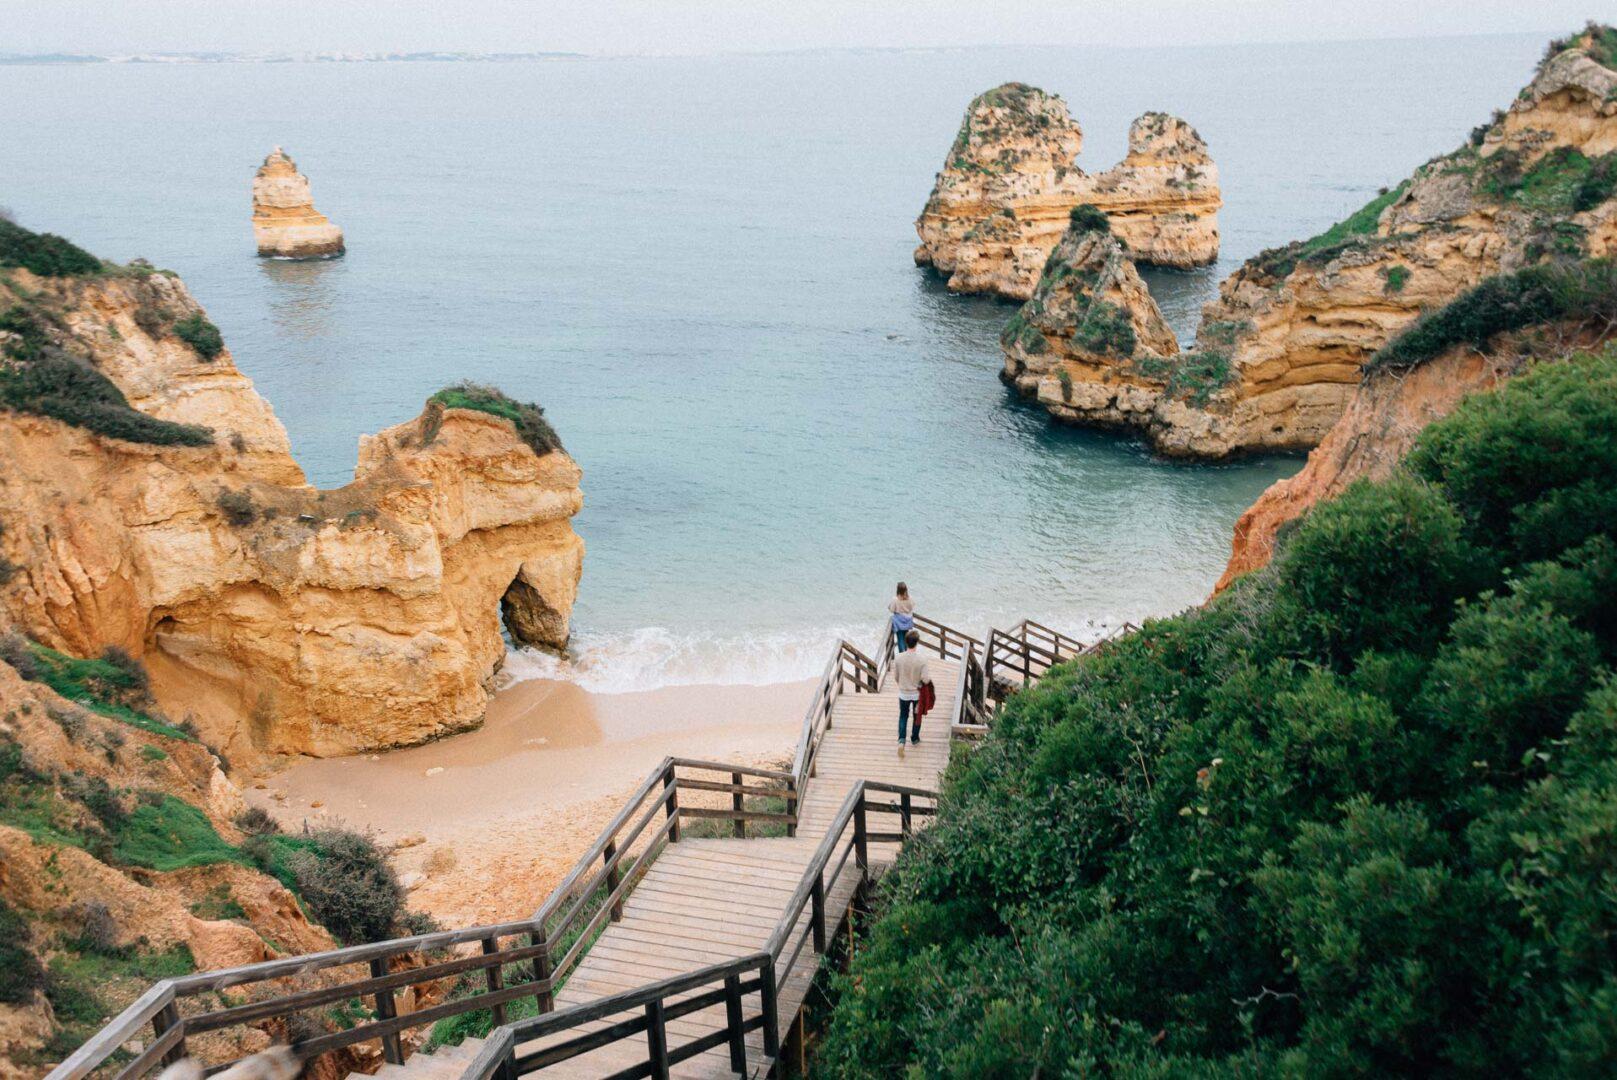 Praia do Camilio - Världens vackraste strand